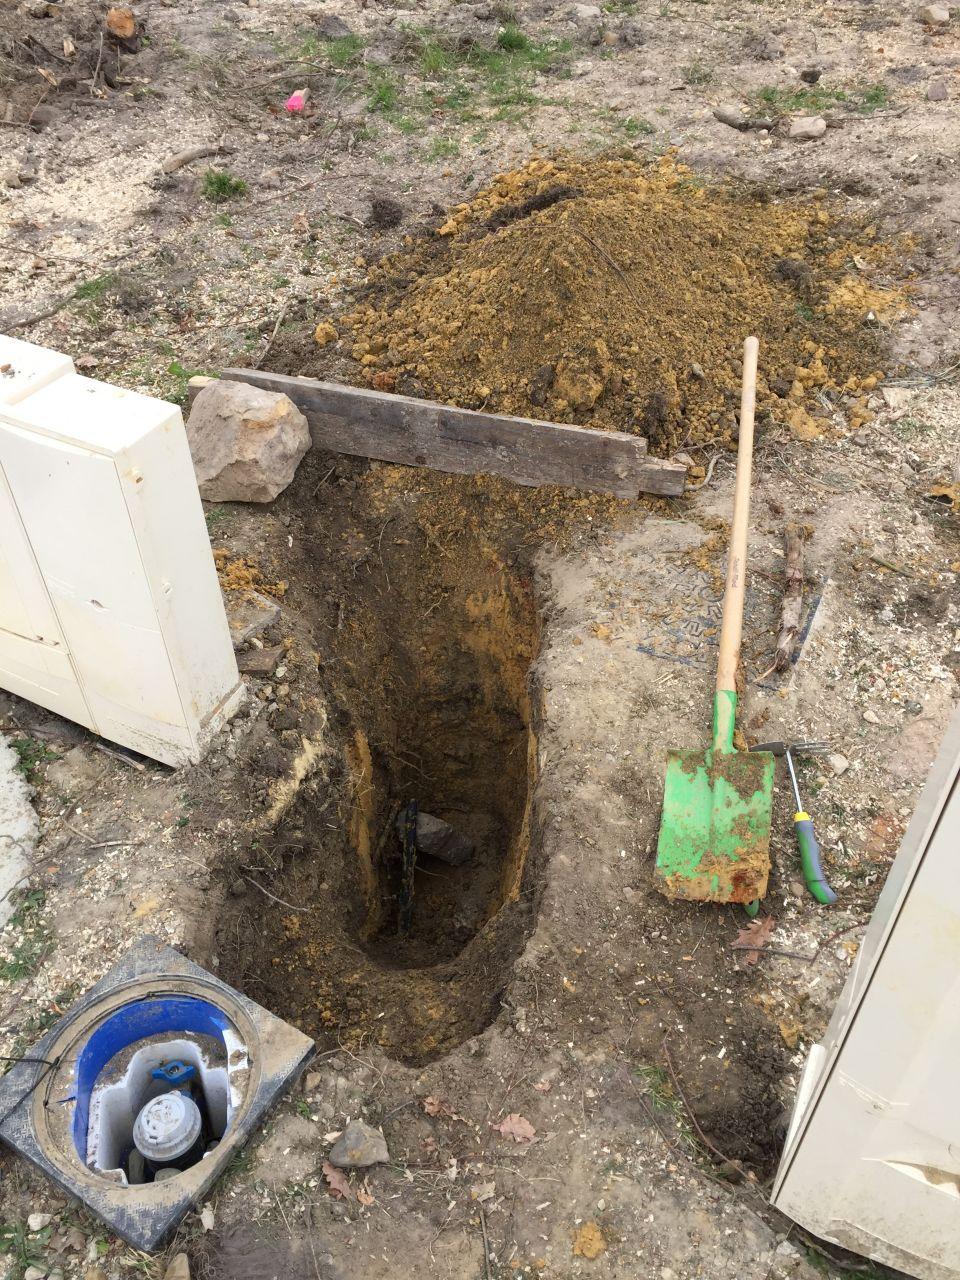 Le trou à la recherche du tuyau d'eau